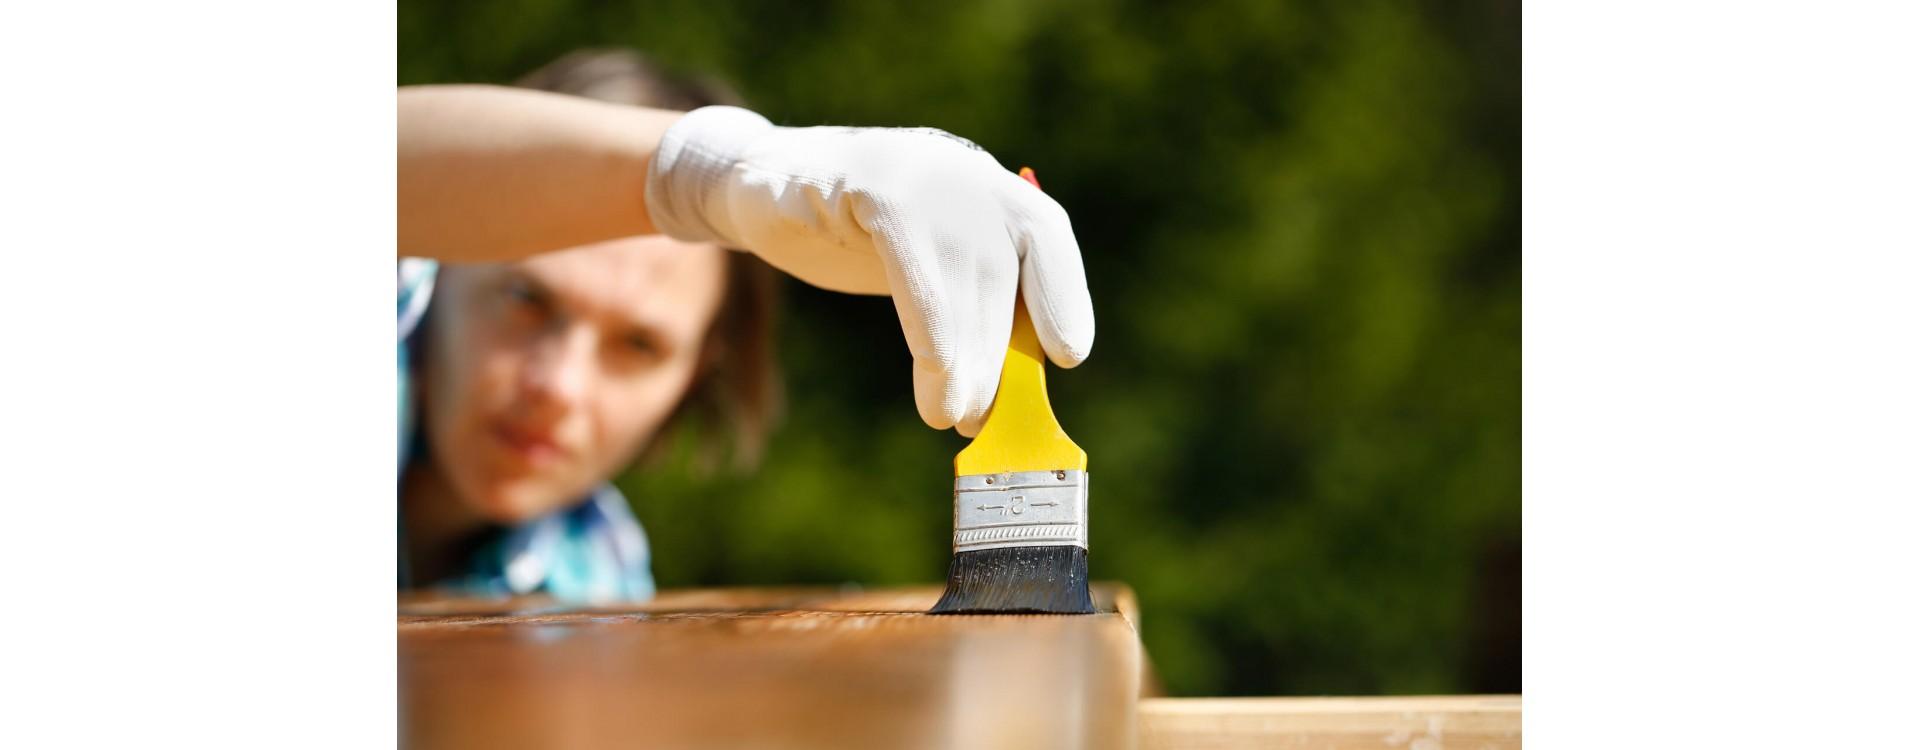 Come trattare il legno per esterno: consigli e prodotti adatti